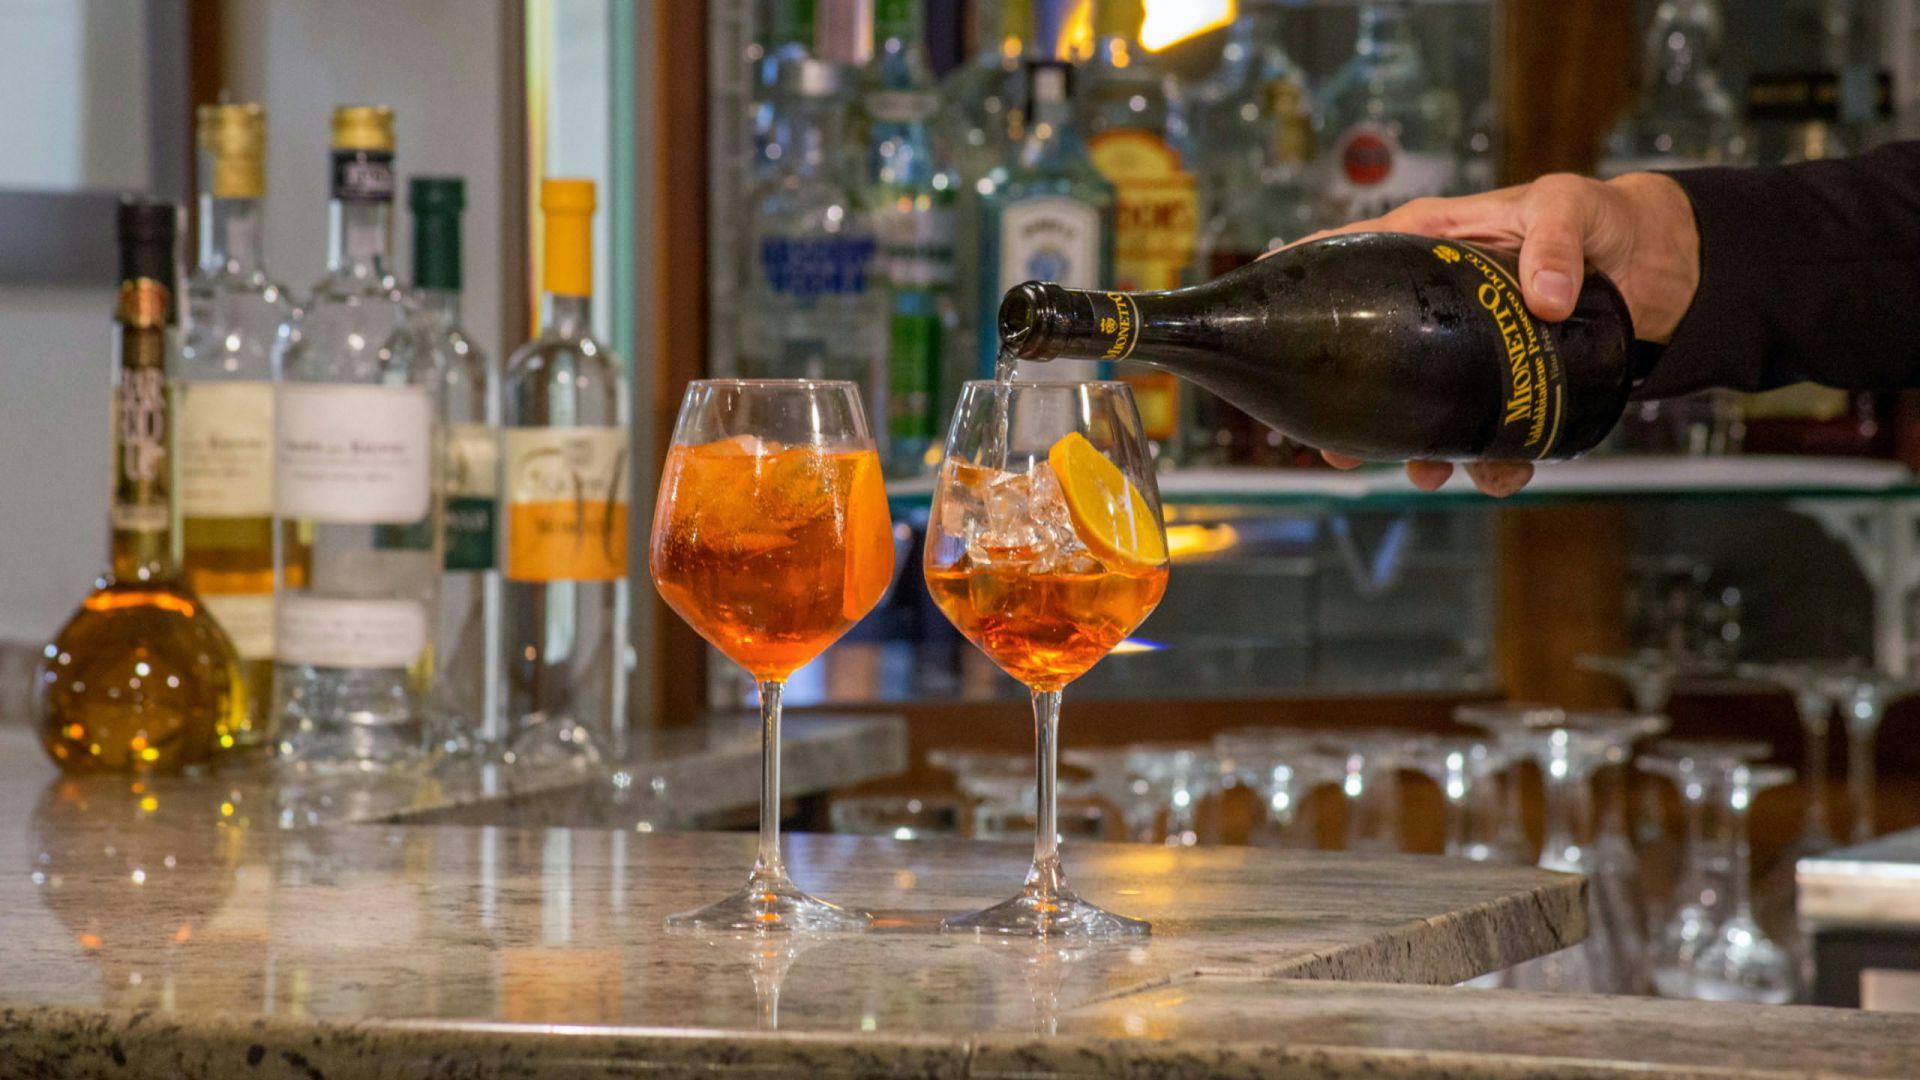 villa-aurelia-hôtel-rome-boissons-01